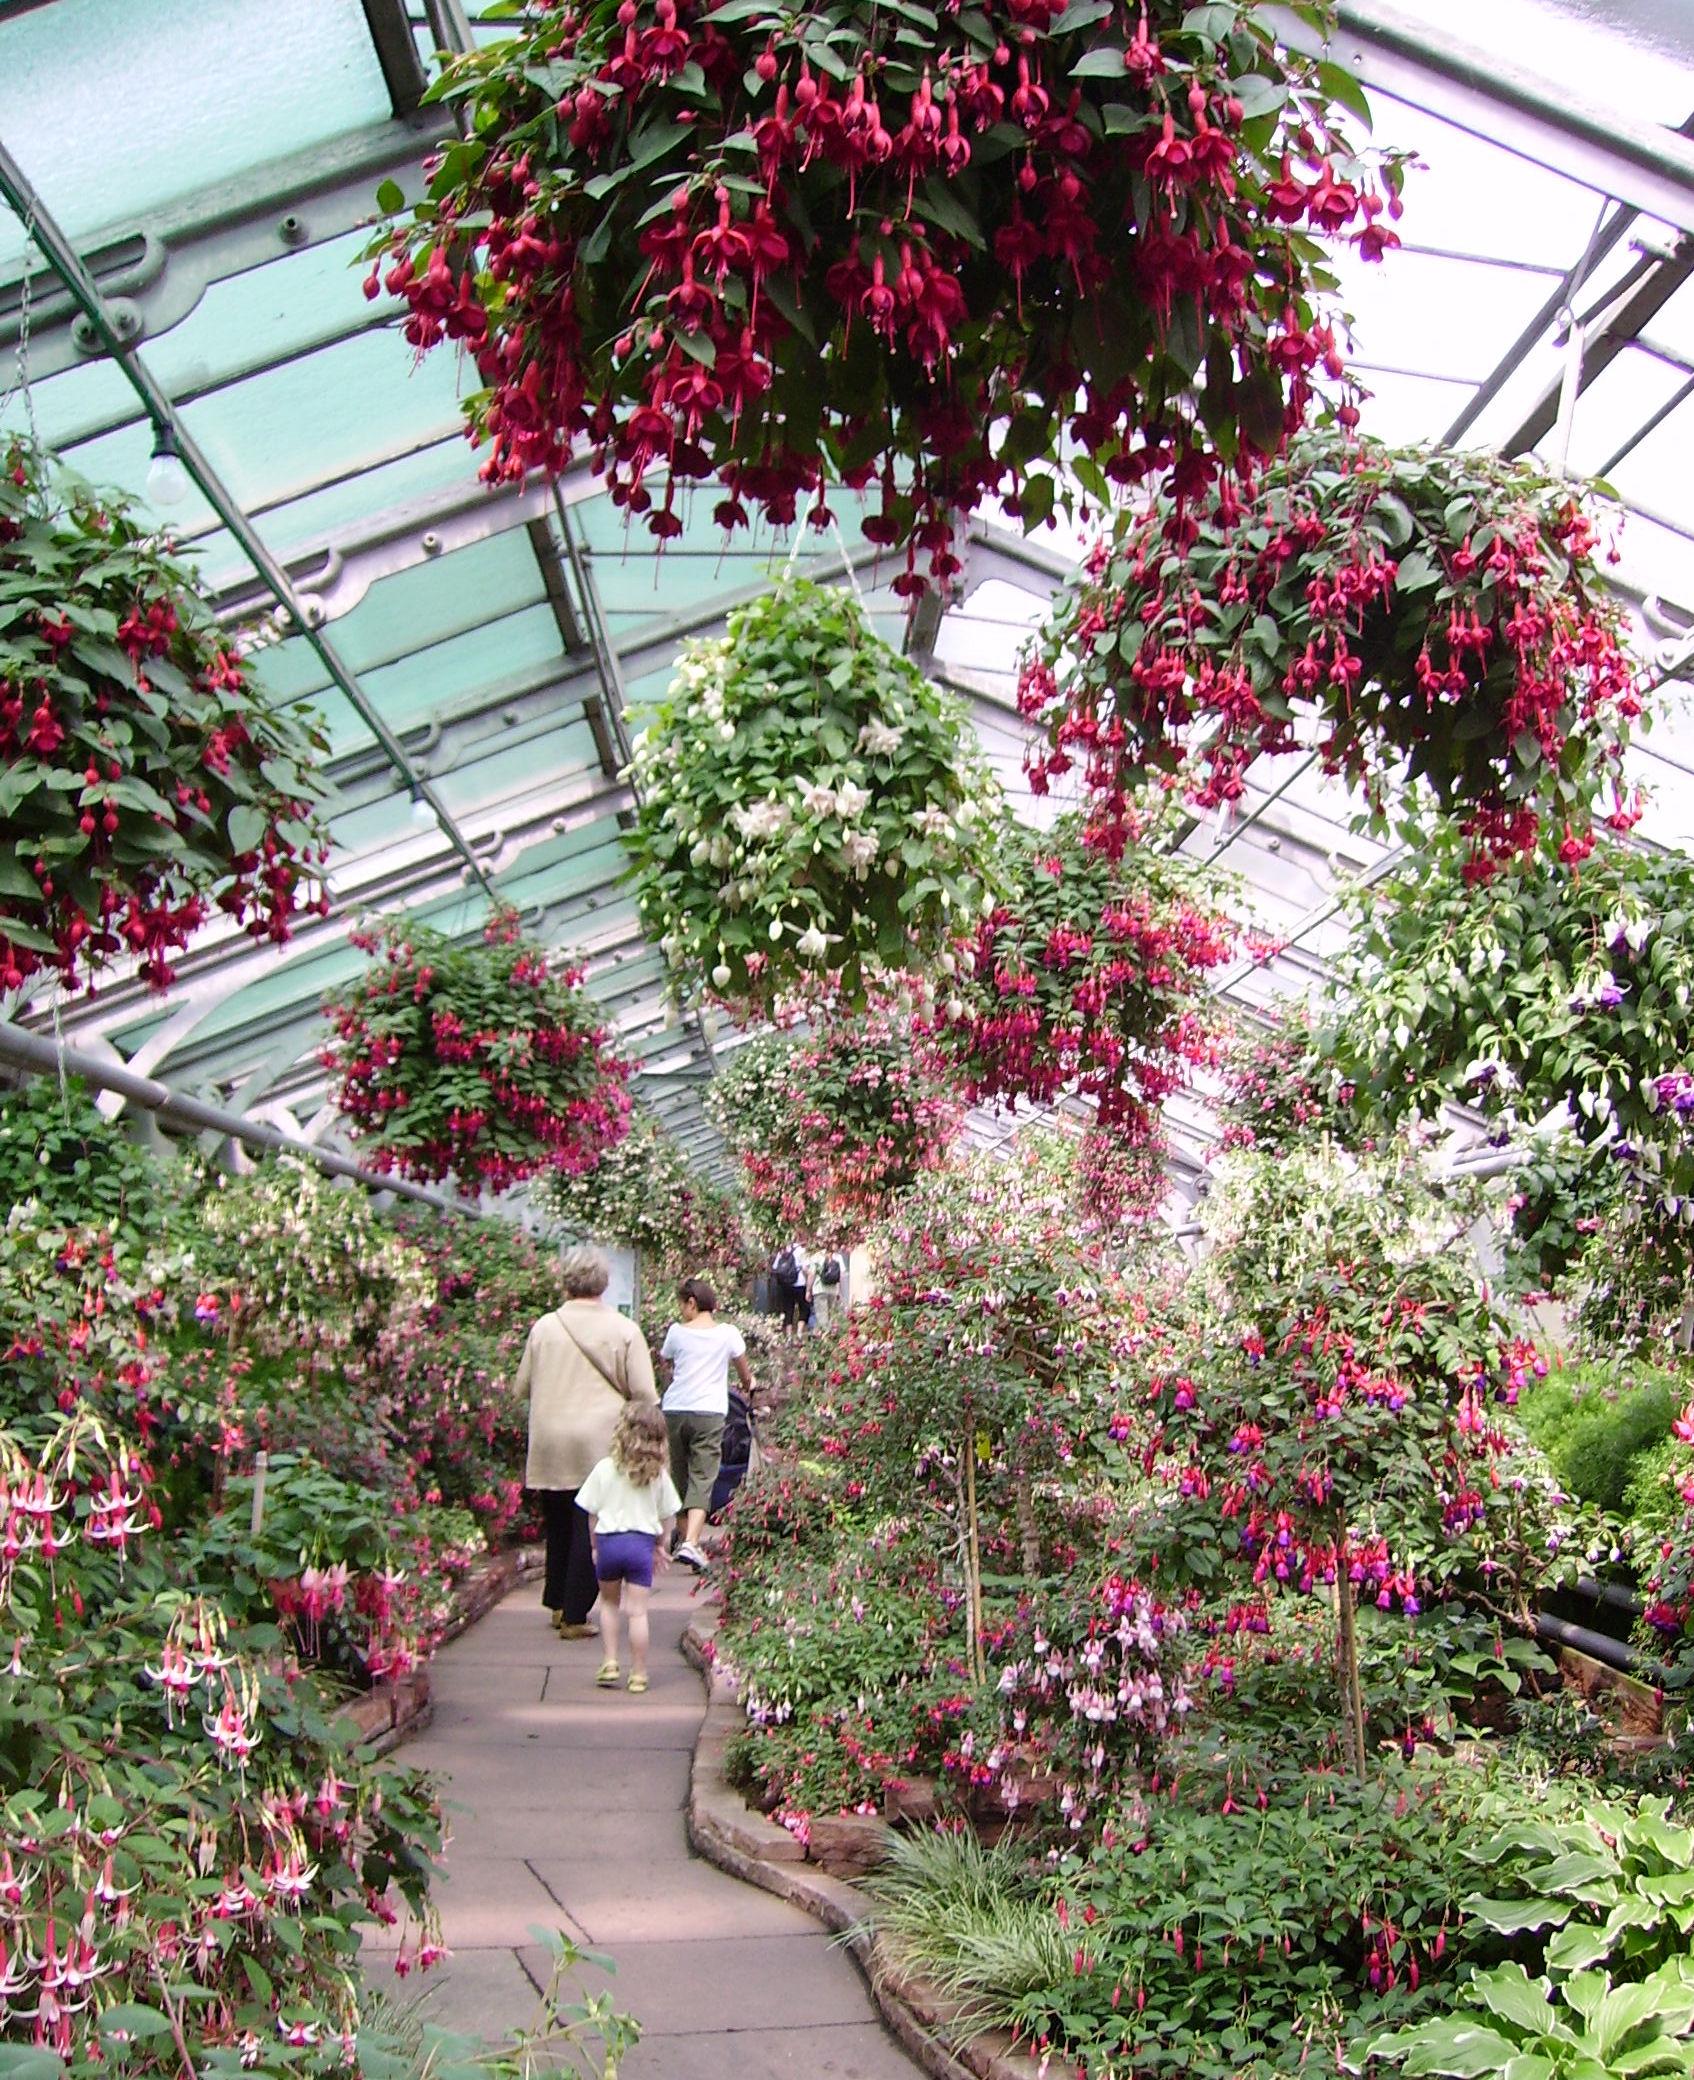 Wilhelma Zoological-Botanical Garden